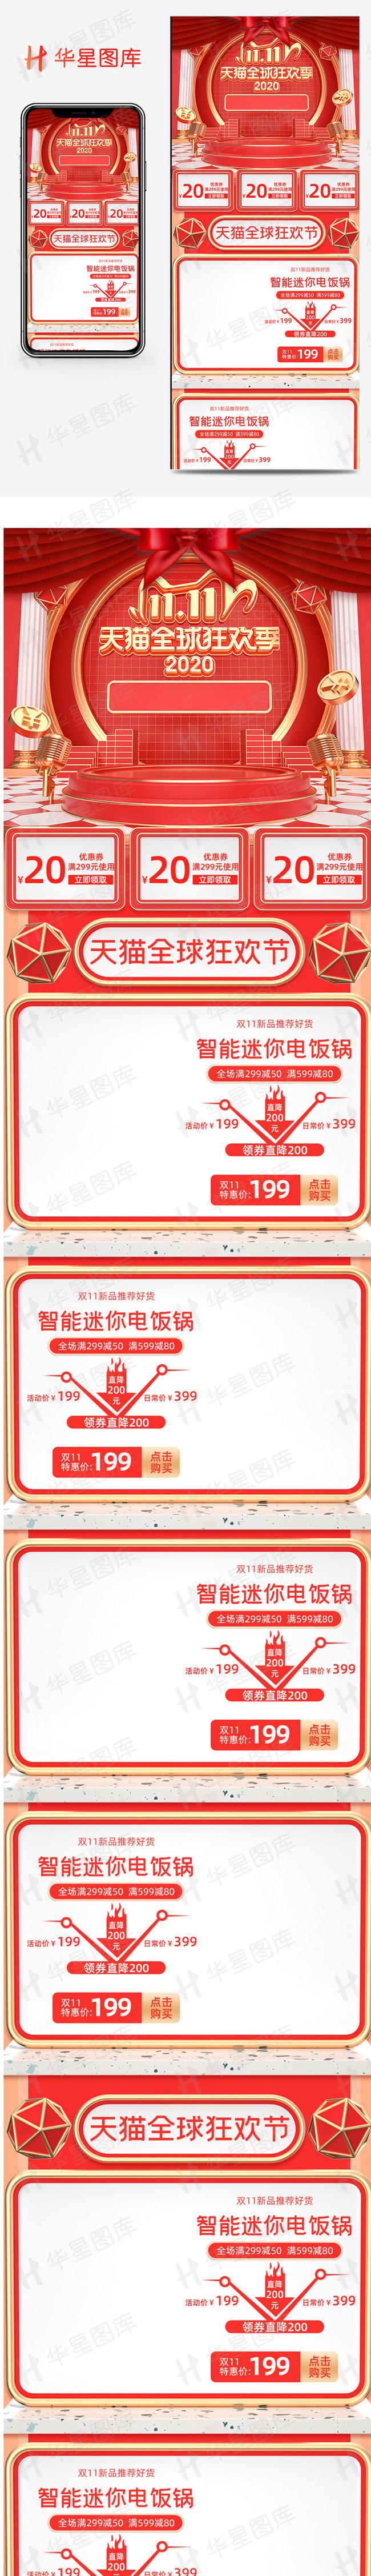 红色大理石c4d双11全球狂欢节电商首页手机版750 px